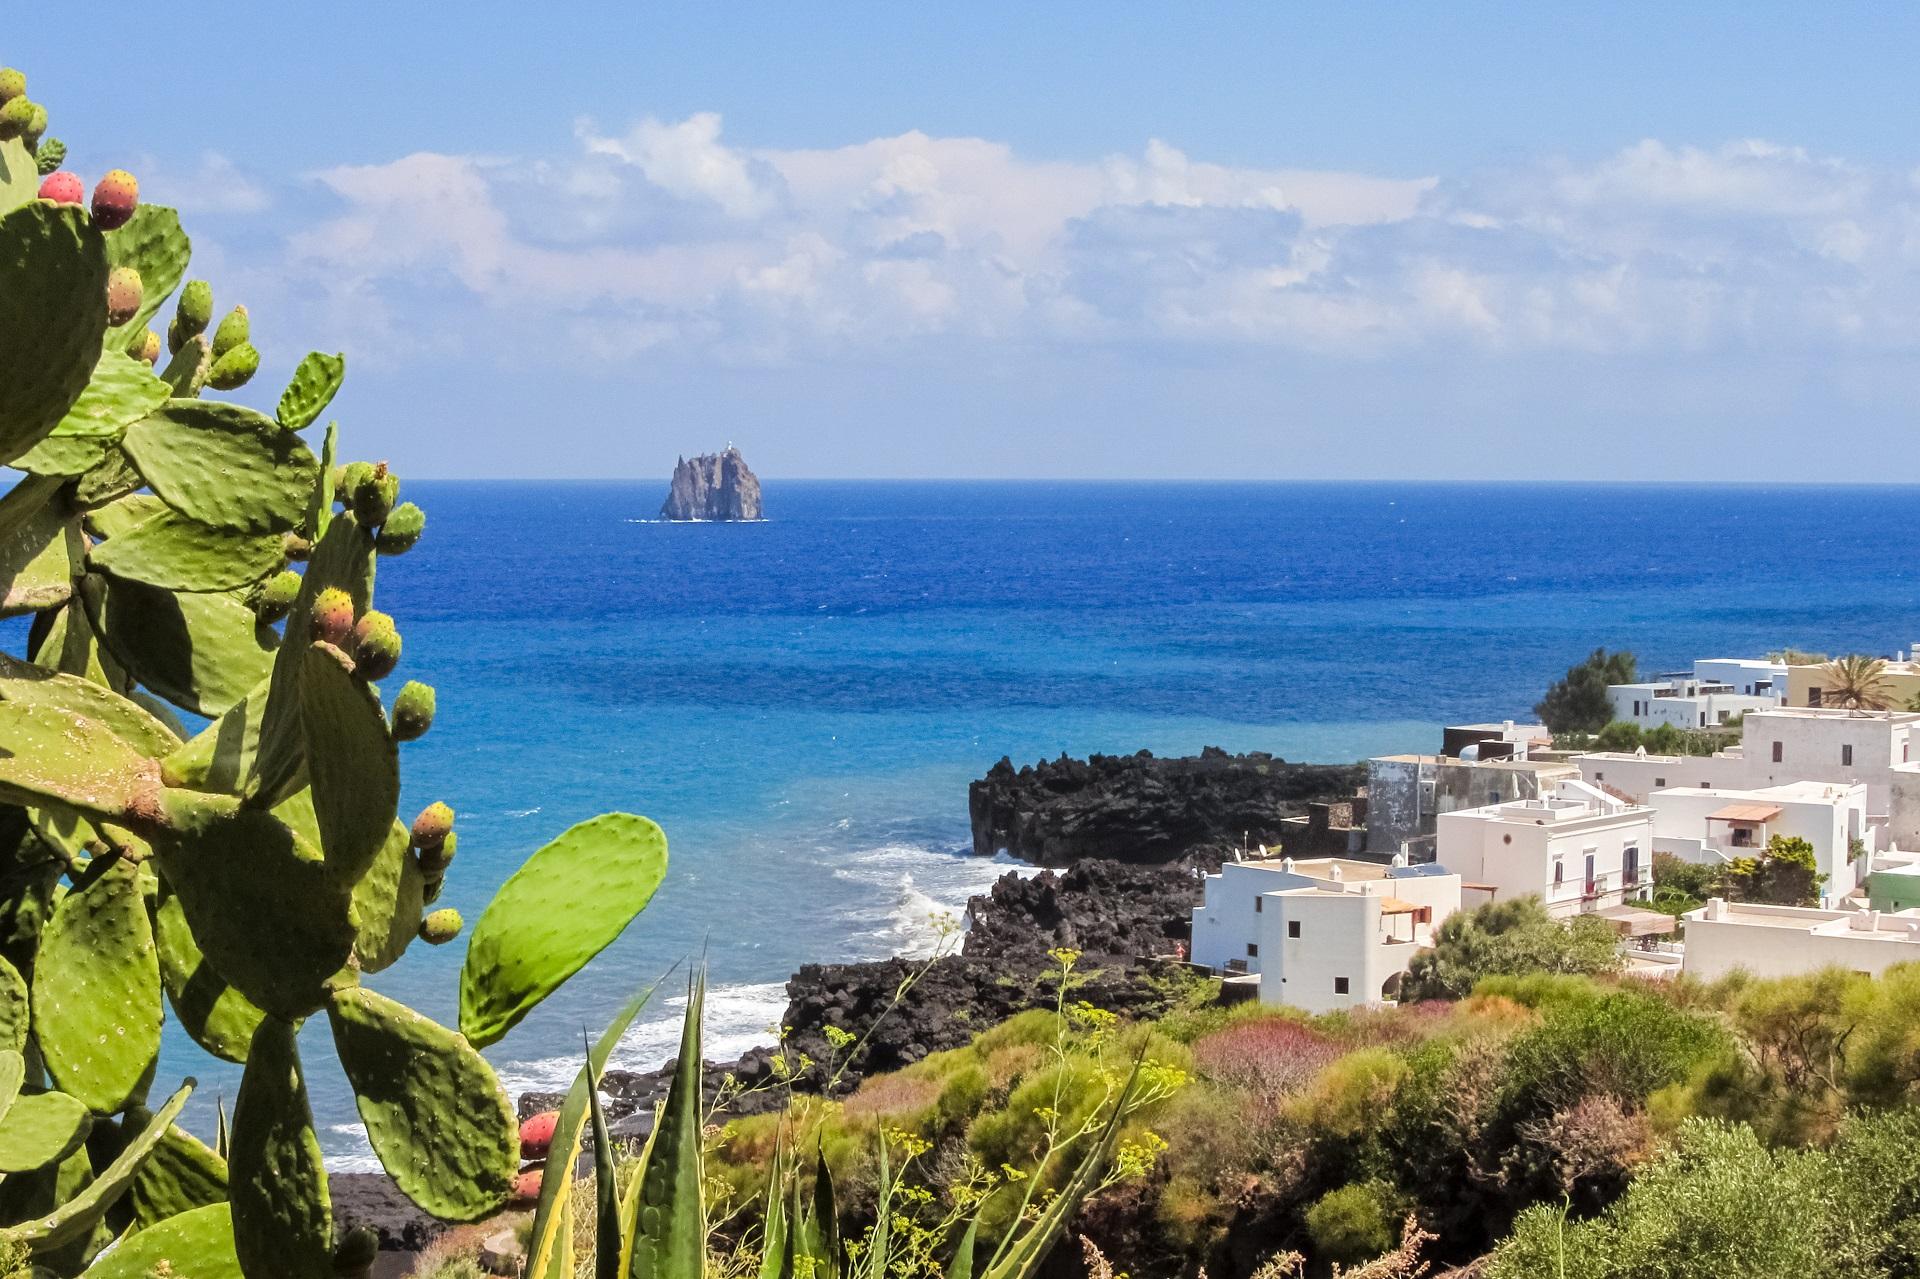 Die Küste der Insel Stromboli ist geprägt vom Kontrast zwischen schwarzem Vulkangestein, weißen Häusern und dem türkisen Meer.